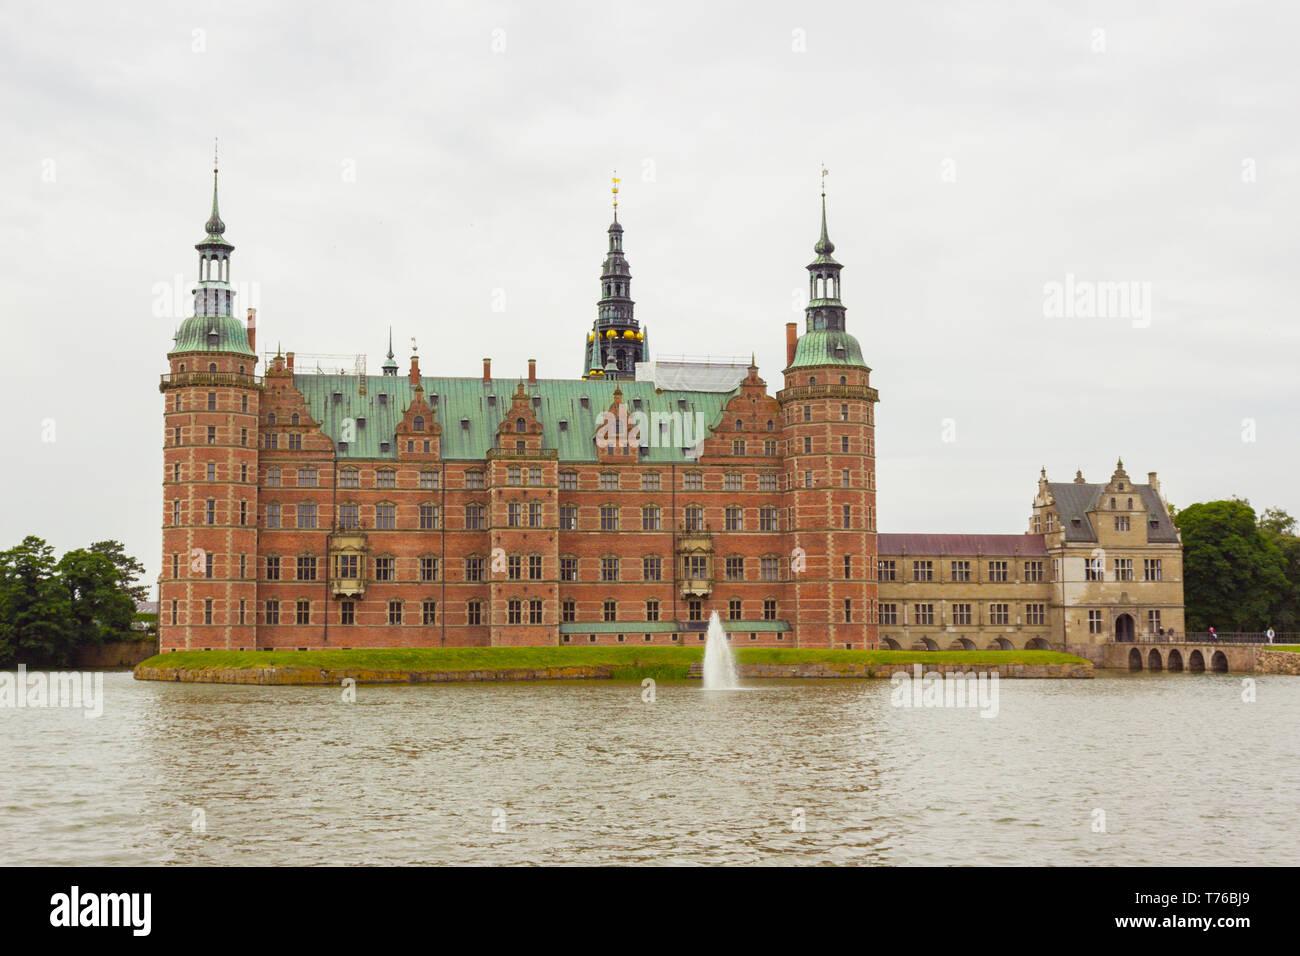 Hermosa vista de Fredensborg Palace en Hilleroed, Dinamarca. Fue disparado desde el parque público. Palacio de Frederiksborg y fuente en el Lake Palace, Hillerod, Foto de stock